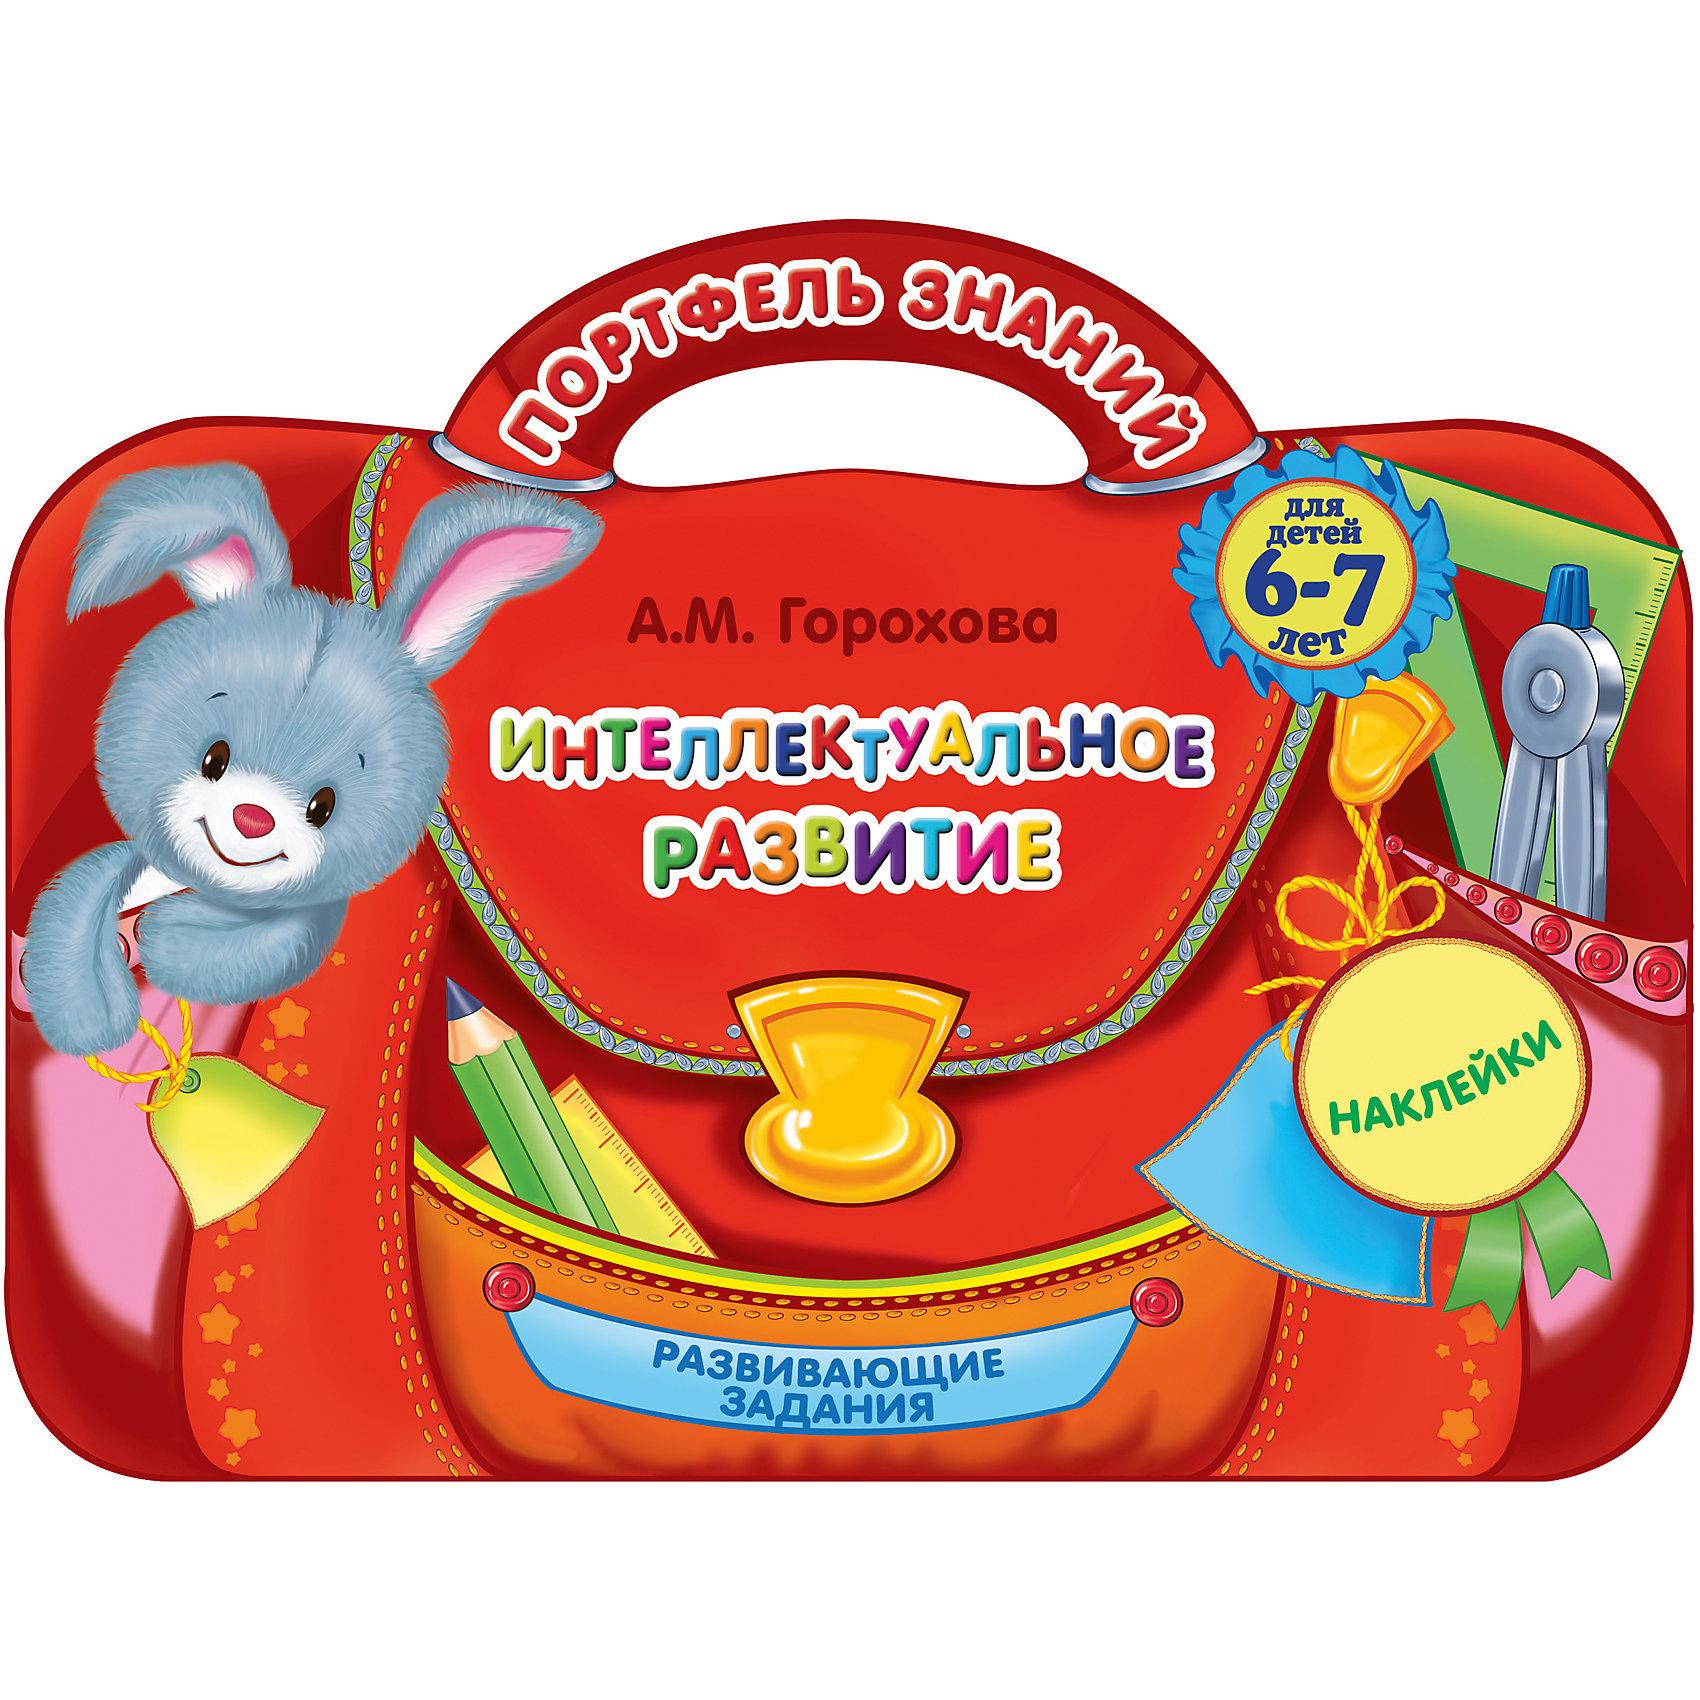 Интеллектуальное развитие: для детей 6-7 летКнига-портфель с увлекательными интерактивными заданиями, направленными на интеллектуальное развитие детей 6-7 лет, включает в себя три типа заданий - устные упражнения, задания с карандашом, упражнения с наклейками. Пособие соответствует требованиям ФГОС, все задания представлены в игровой форме. Весело играя вместе с главным героем книги, забавным щенком, ребенок не только получит массу положительных эмоций, но и разовьет интеллект, речь и память, мелкую моторику и мышление, внимание и воображение, расширит кругозор и словарный запас. Задания направлены на формирование интереса к обучению. Пособие будет полезно не только дошкольниками, но и младшим школьникам.<br>Адресовано детям 6-7 лет их родителям, воспитателями, педагогам.<br><br>ДДополнительная информация:<br><br>- год выпуска: 2015<br>- количество страниц: 32 + 2 листа с накллейками<br>- формат: 20.5* 29 см.<br>- переплёт: мягкий переплет<br>- возраст: от  6 до 7 лет<br>- вес: 120 гр.<br><br>Книгу Интеллектуальное развитие: для детей 6-7 лет можно купить в нашем интернет - магазине.<br><br>Ширина мм: 280<br>Глубина мм: 210<br>Высота мм: 2<br>Вес г: 120<br>Возраст от месяцев: 36<br>Возраст до месяцев: 72<br>Пол: Унисекс<br>Возраст: Детский<br>SKU: 4753391